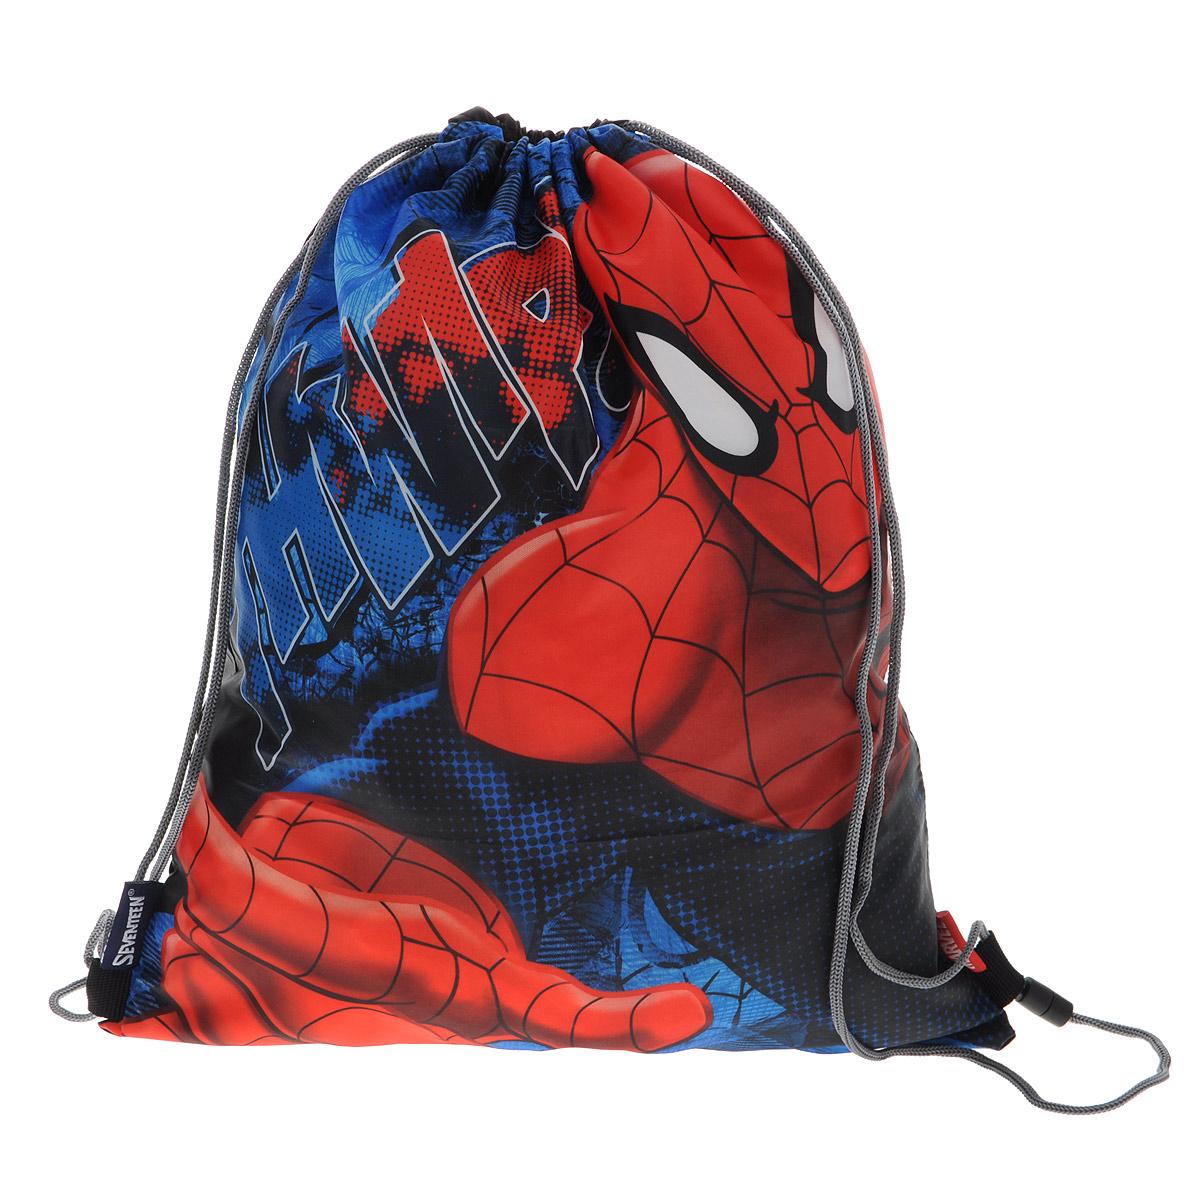 Сумка для сменной обуви Spider-Man Classic идеально подходит как для хранения, так и для переноски сменной обуви и одежды.  Сумка выполнена из прочного водонепроницаемого полиэстера и содержит одно вместительное отделение, затягивающееся с помощью текстильных шнурков. Шнурки фиксируются в нижней части сумки, благодаря чему ее можно носить за спиной как рюкзак.  Оформлено изделие изображением героя любимого мультфильма Человек-Паук. Ваш ребенок с радостью будет ходить с таким аксессуаром в школу.